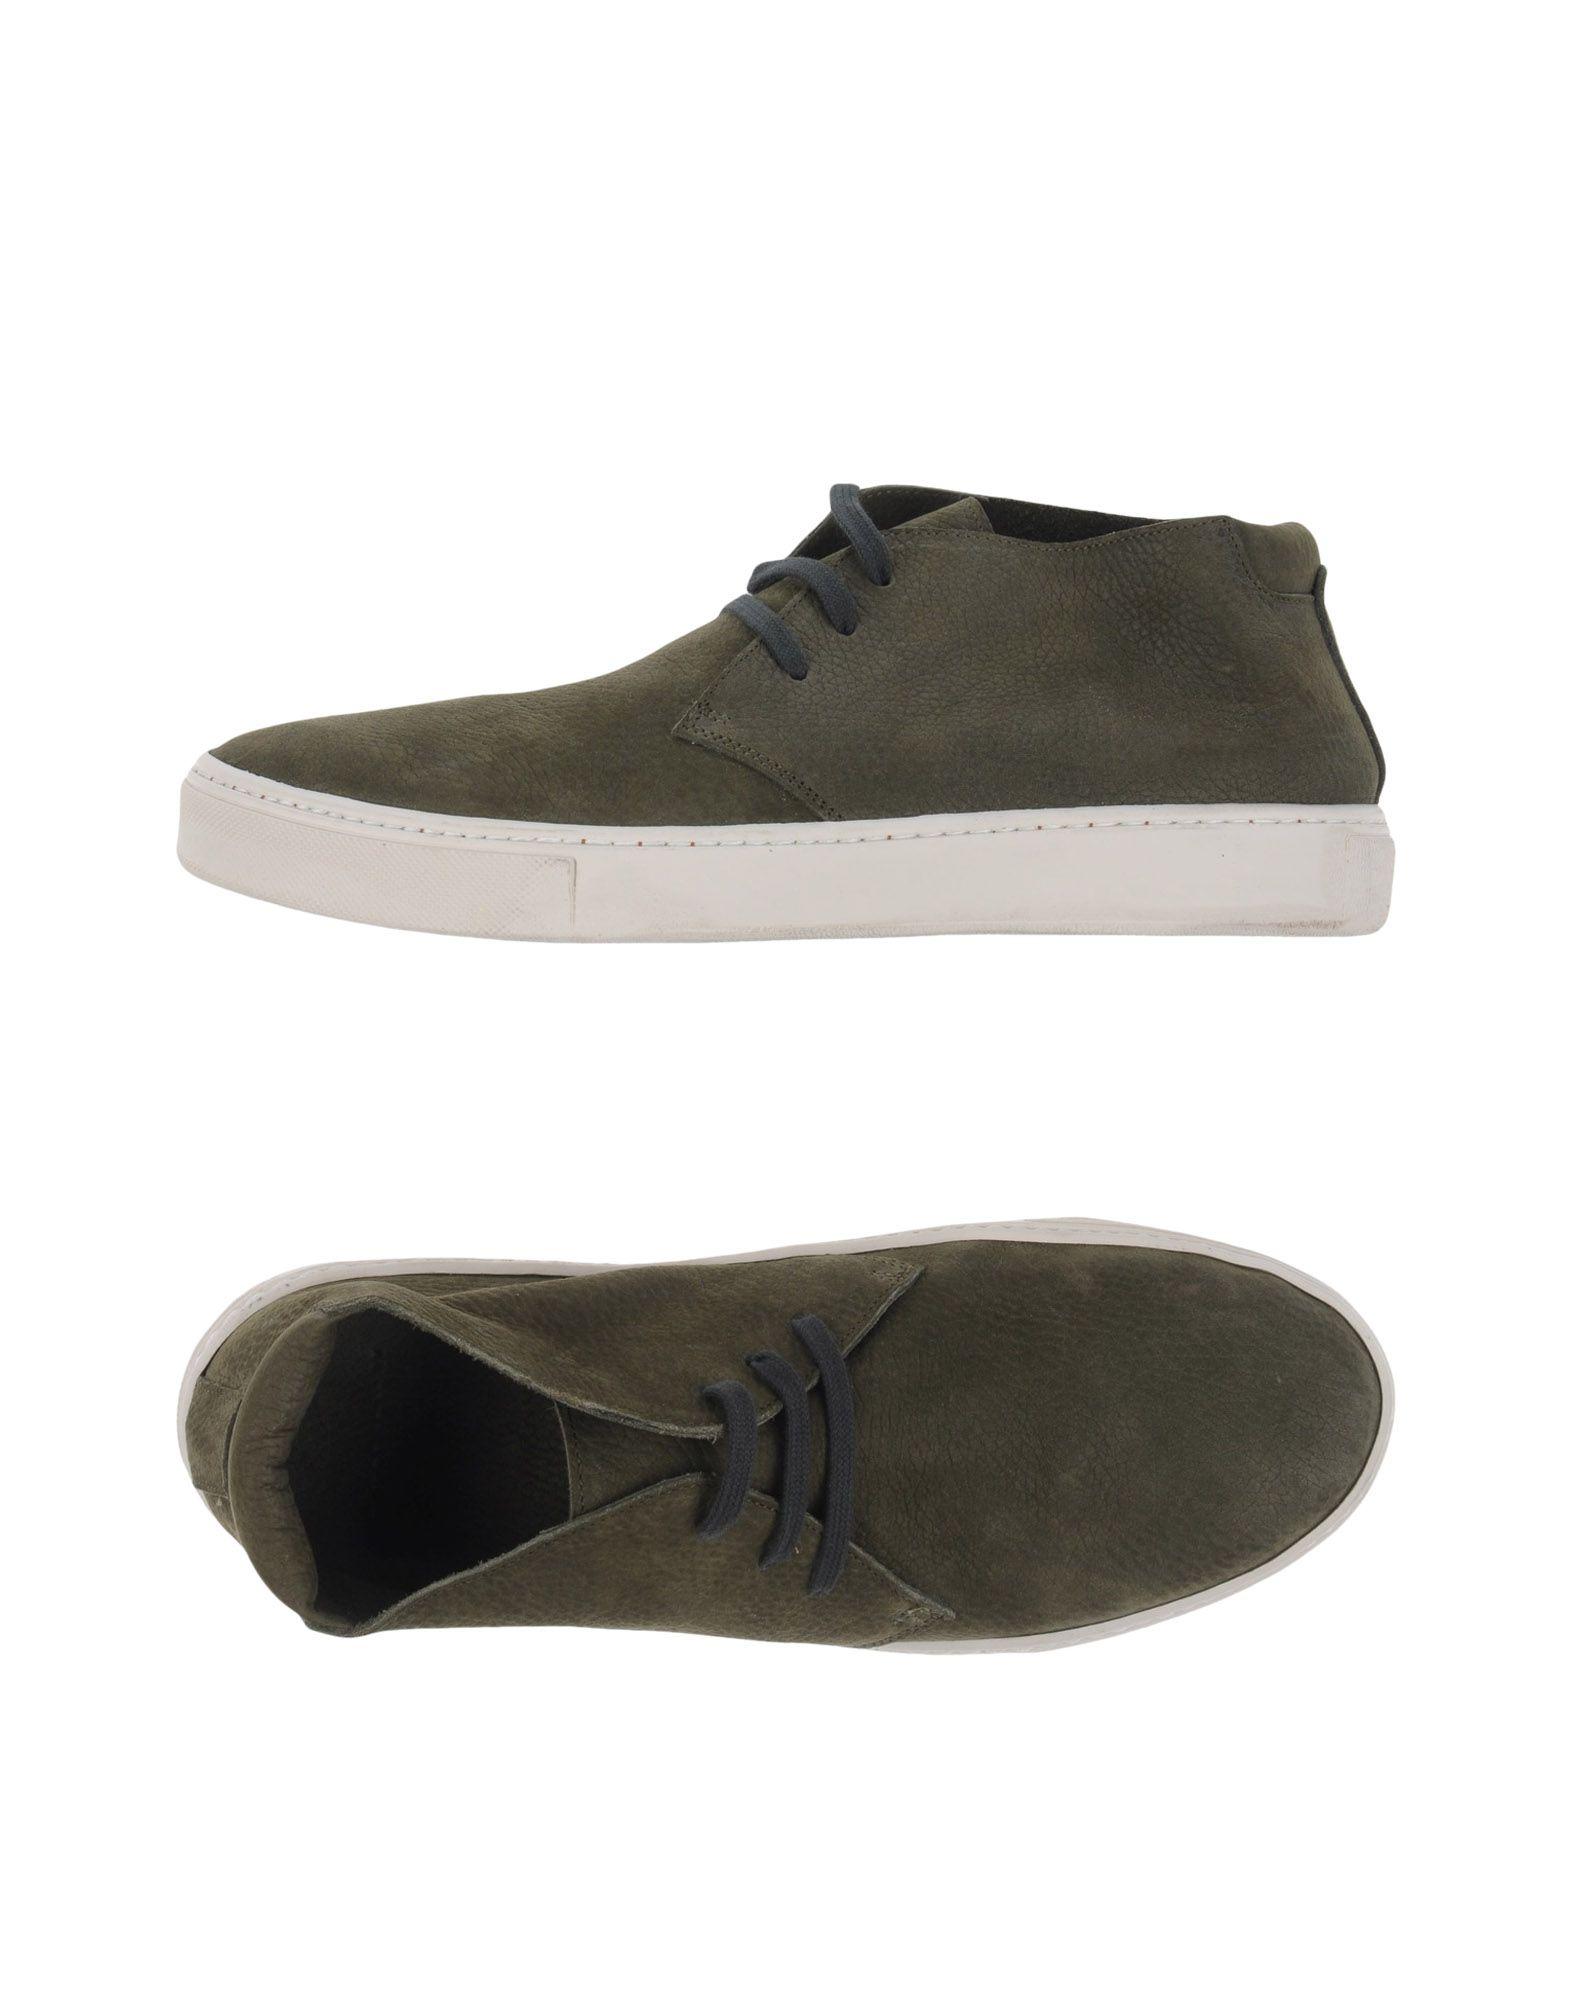 Preventi Heiße Sneakers Herren  11170379CP Heiße Preventi Schuhe 667eb7